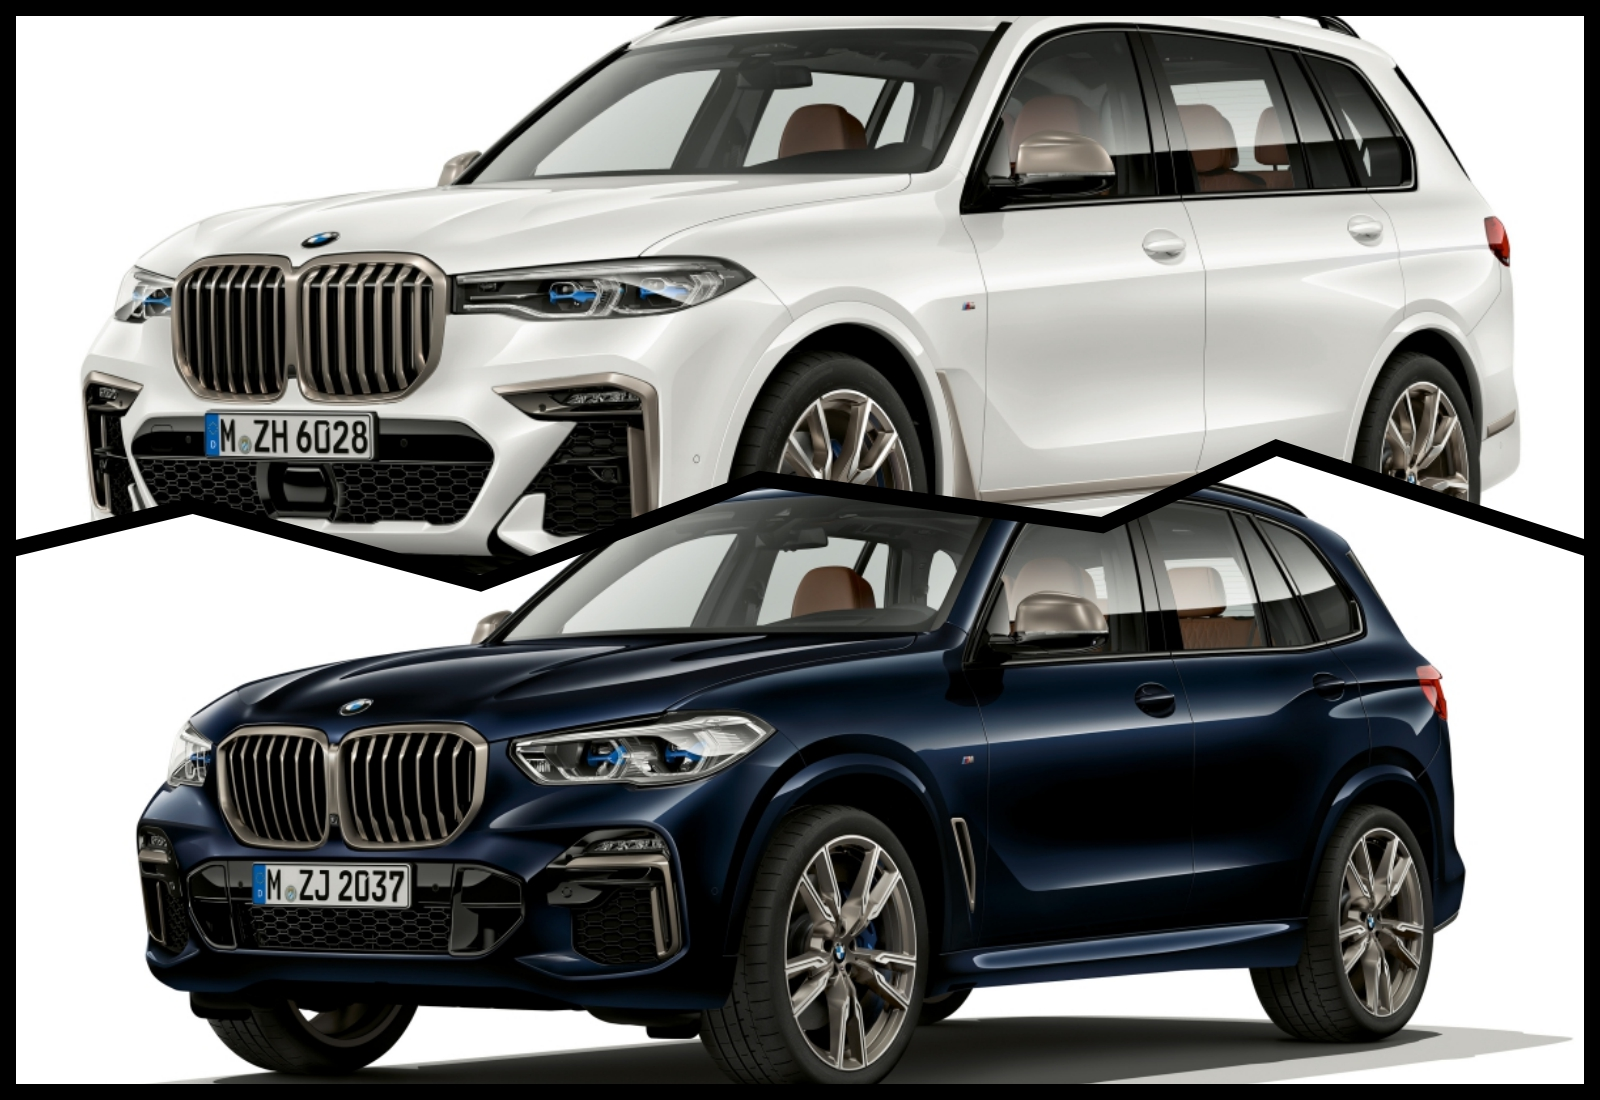 BMW revela X5 e X7 M50i, modelos SUV com 530 CV